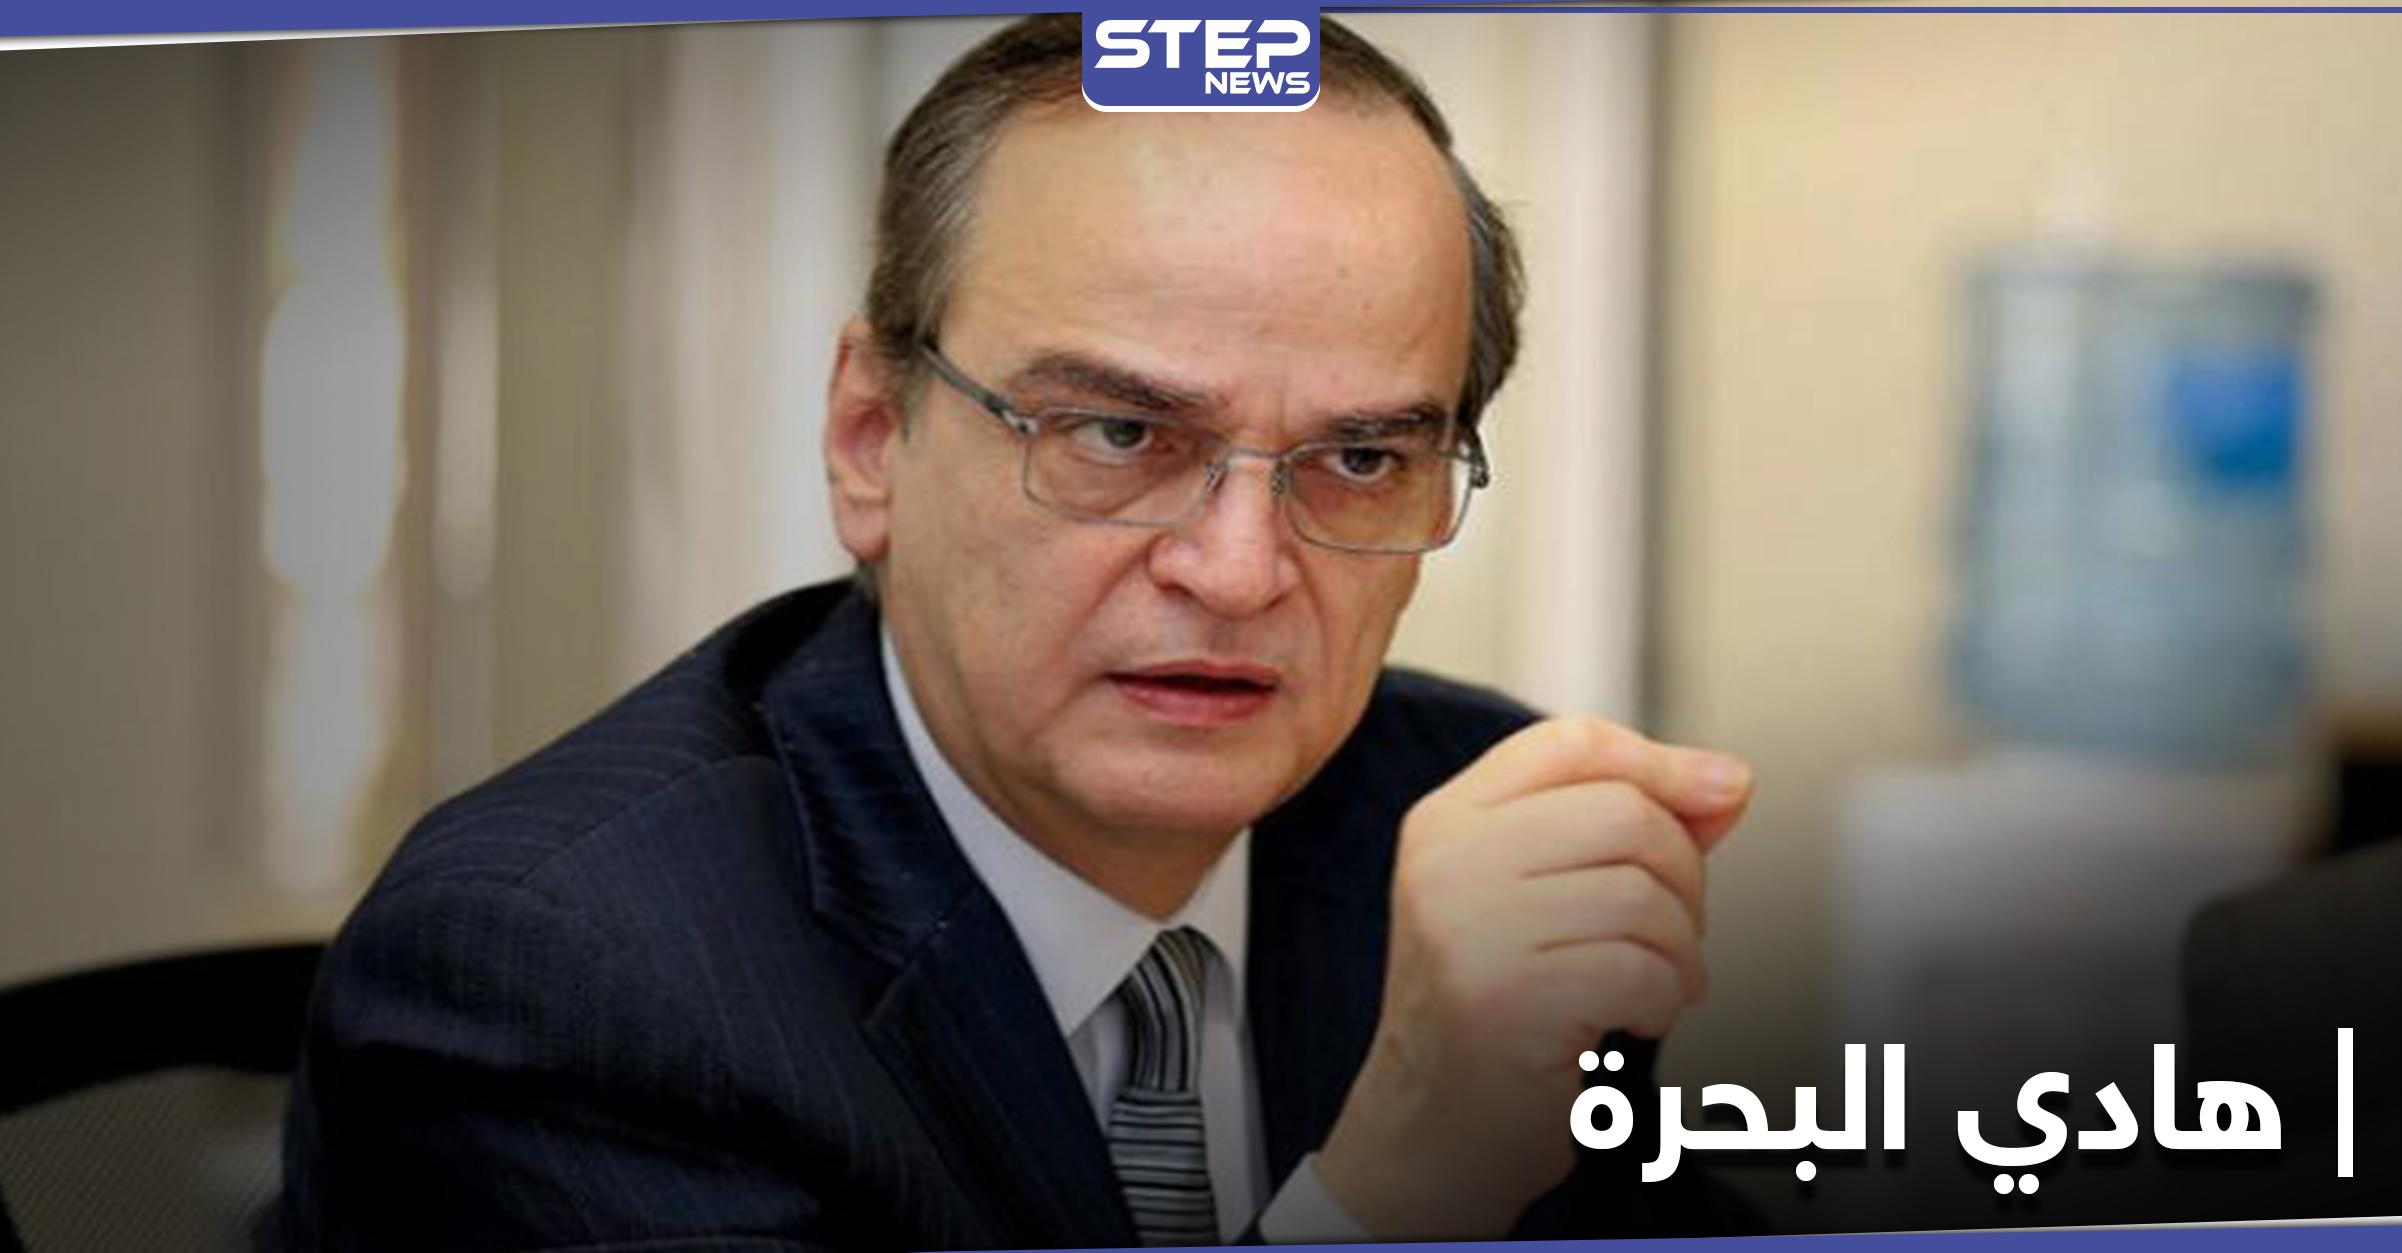 هادي البحرة - رئيس وفد المعارضة في اللجنة الدستورية